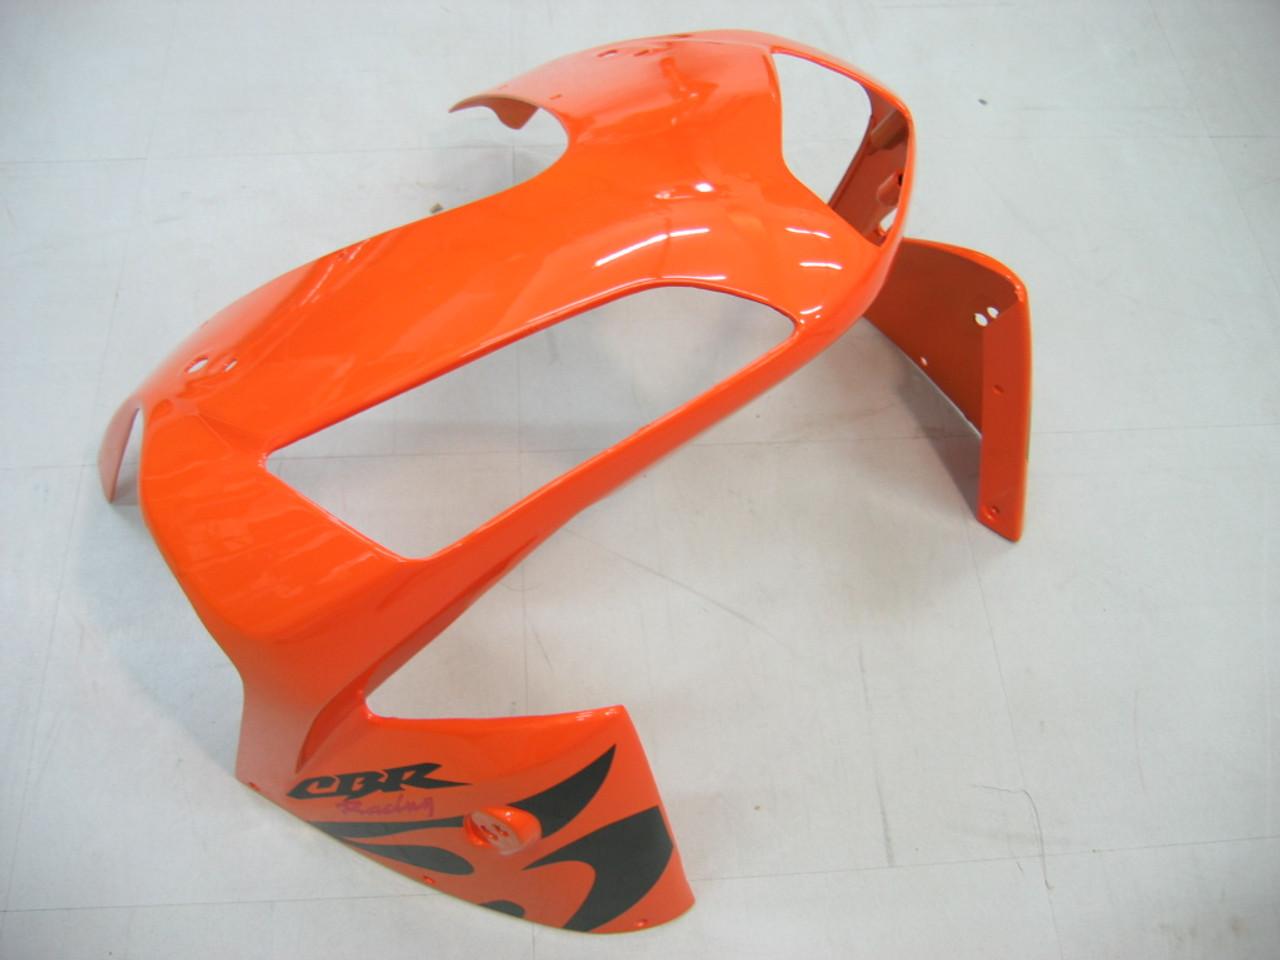 Fairings Honda CBR 600 RR Orang & Black Flame Racing (2003-2004)